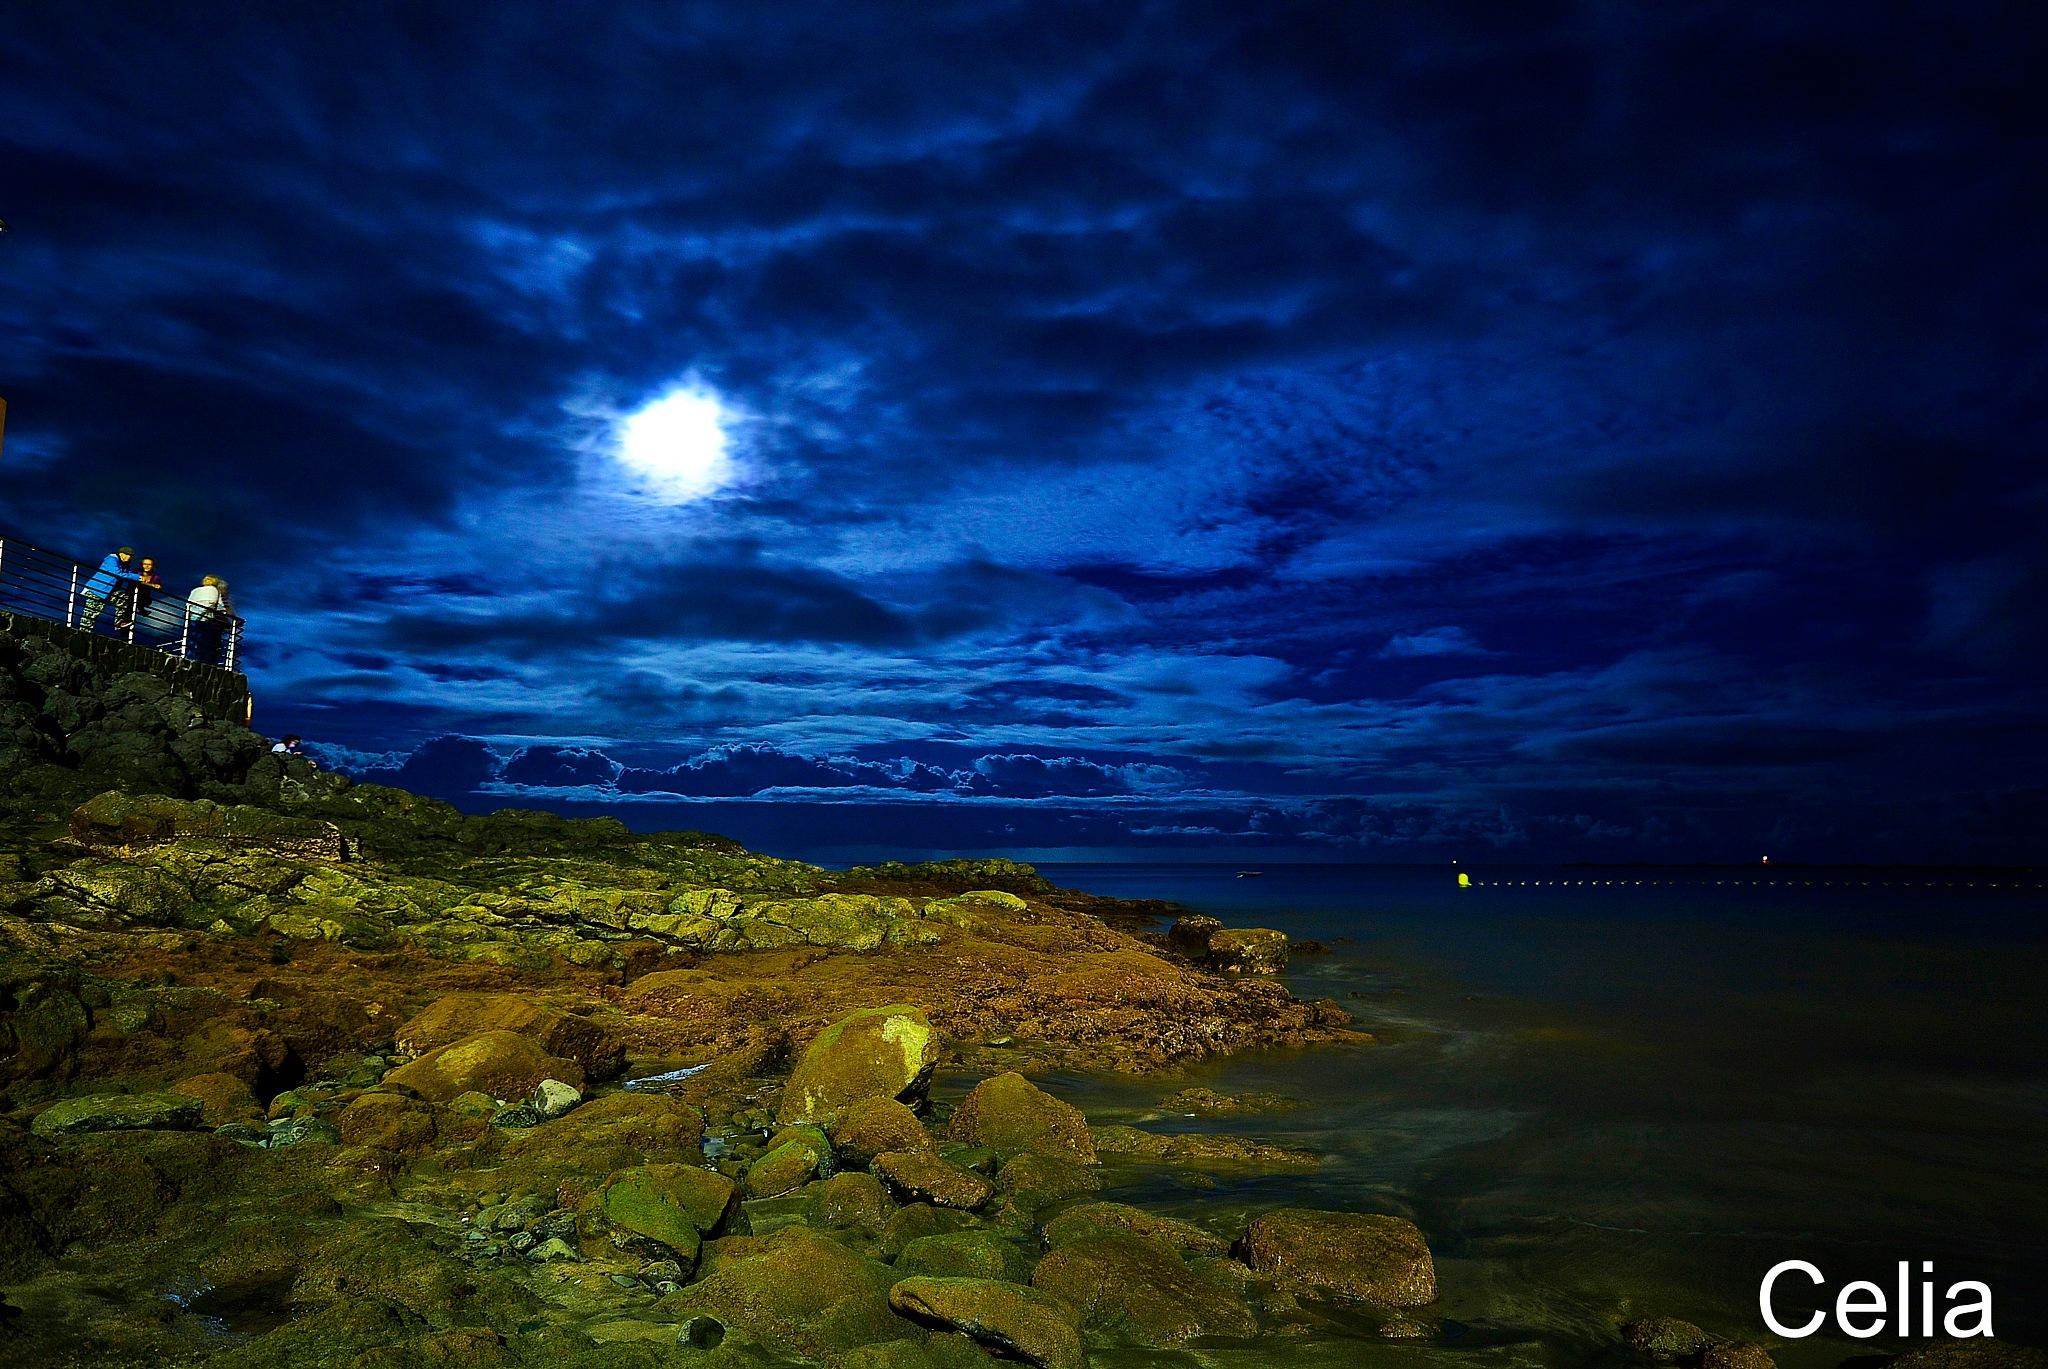 Noche en azul  by celiafernandez752